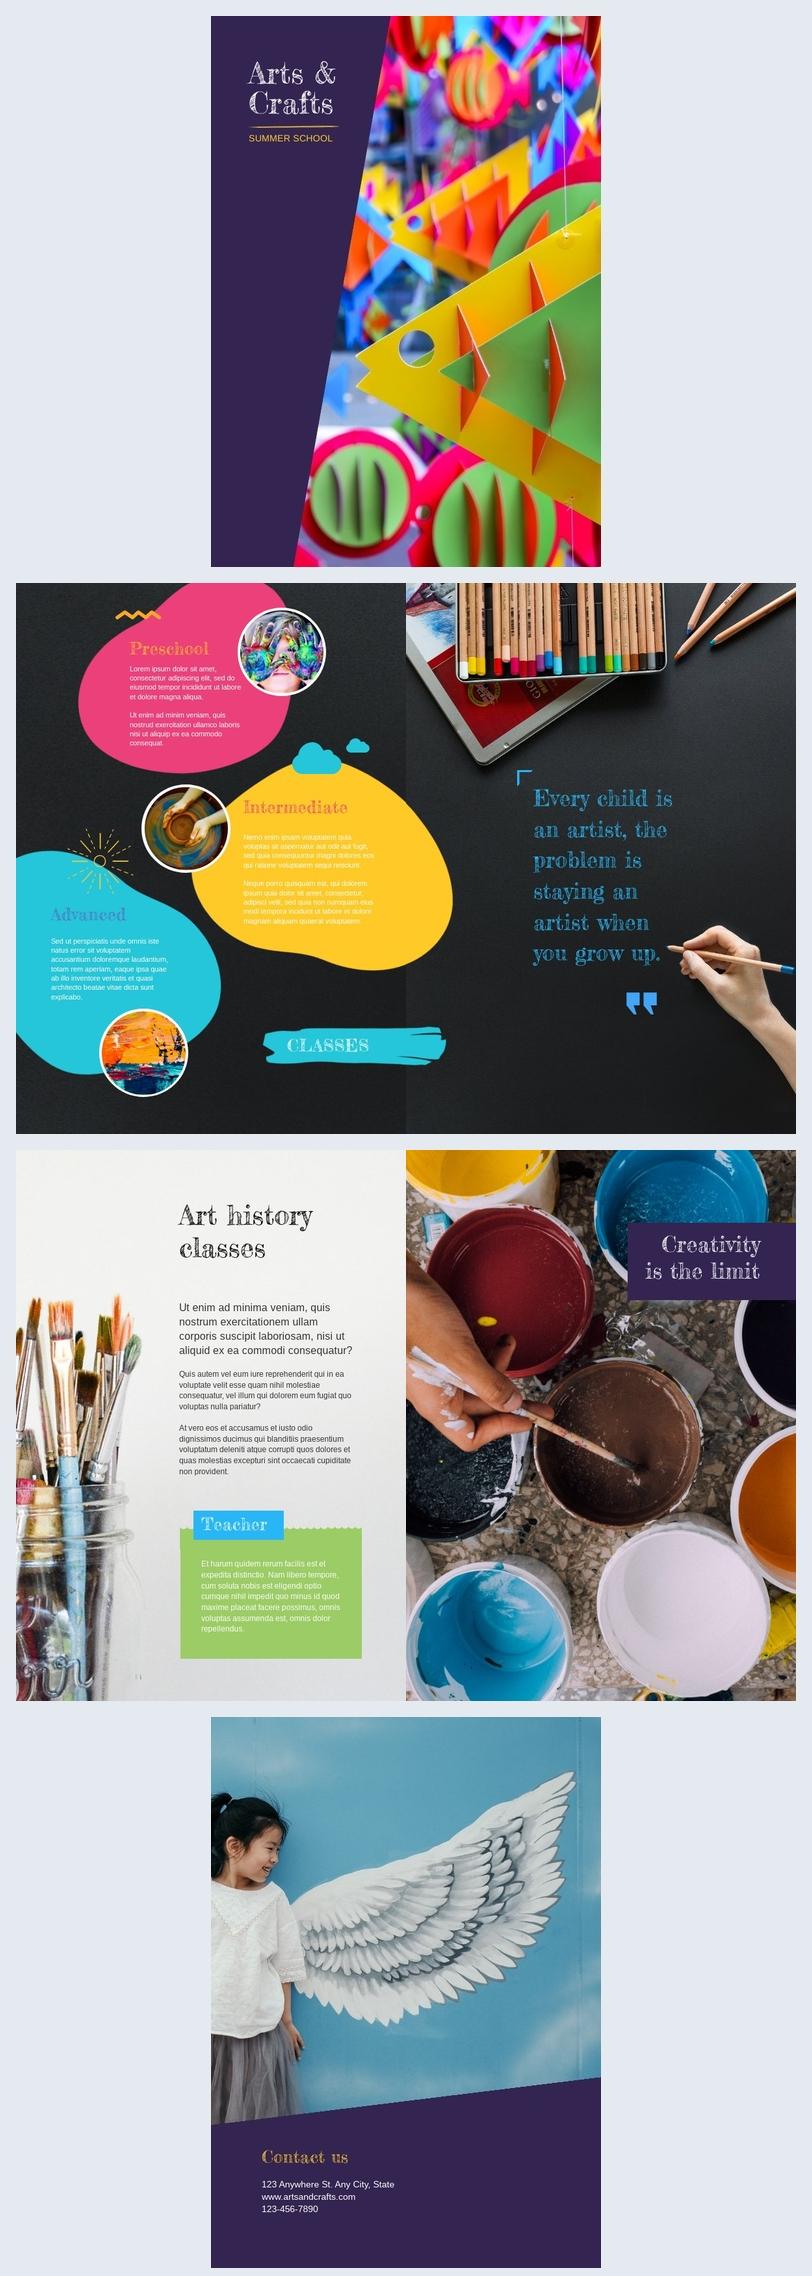 Beispiel einer Broschüre für Kreative Kunstkurse